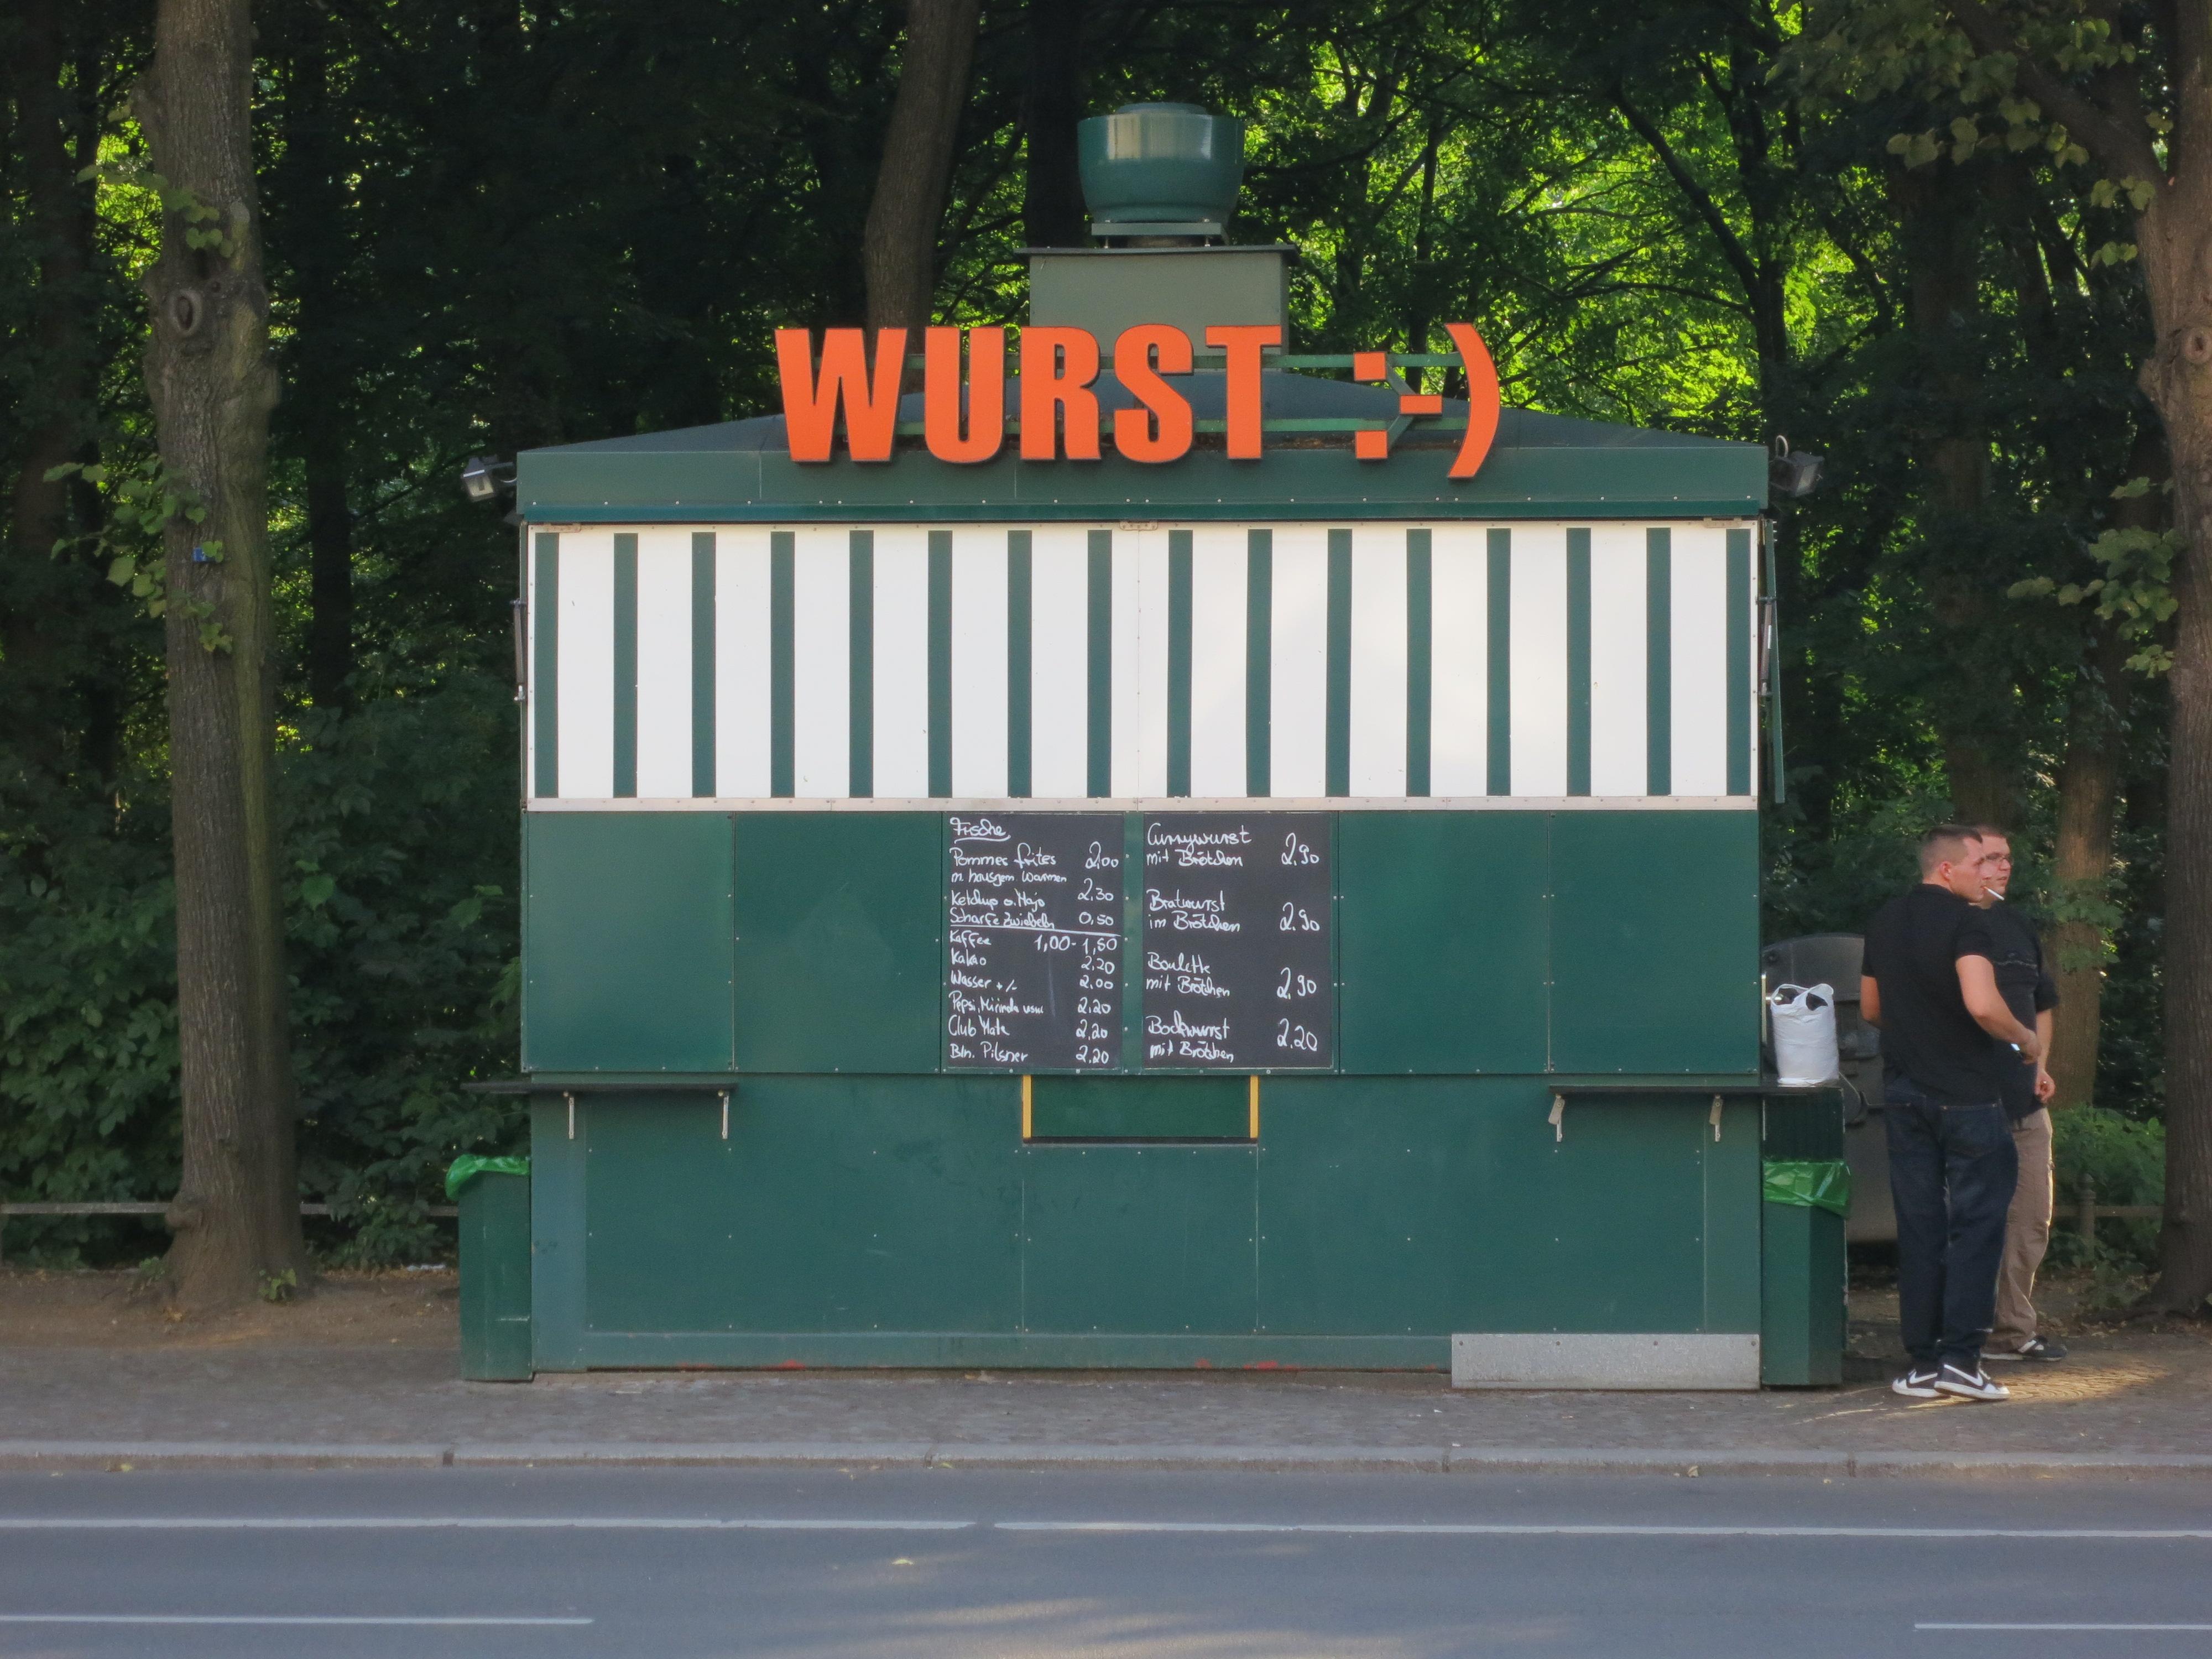 WURST :-)